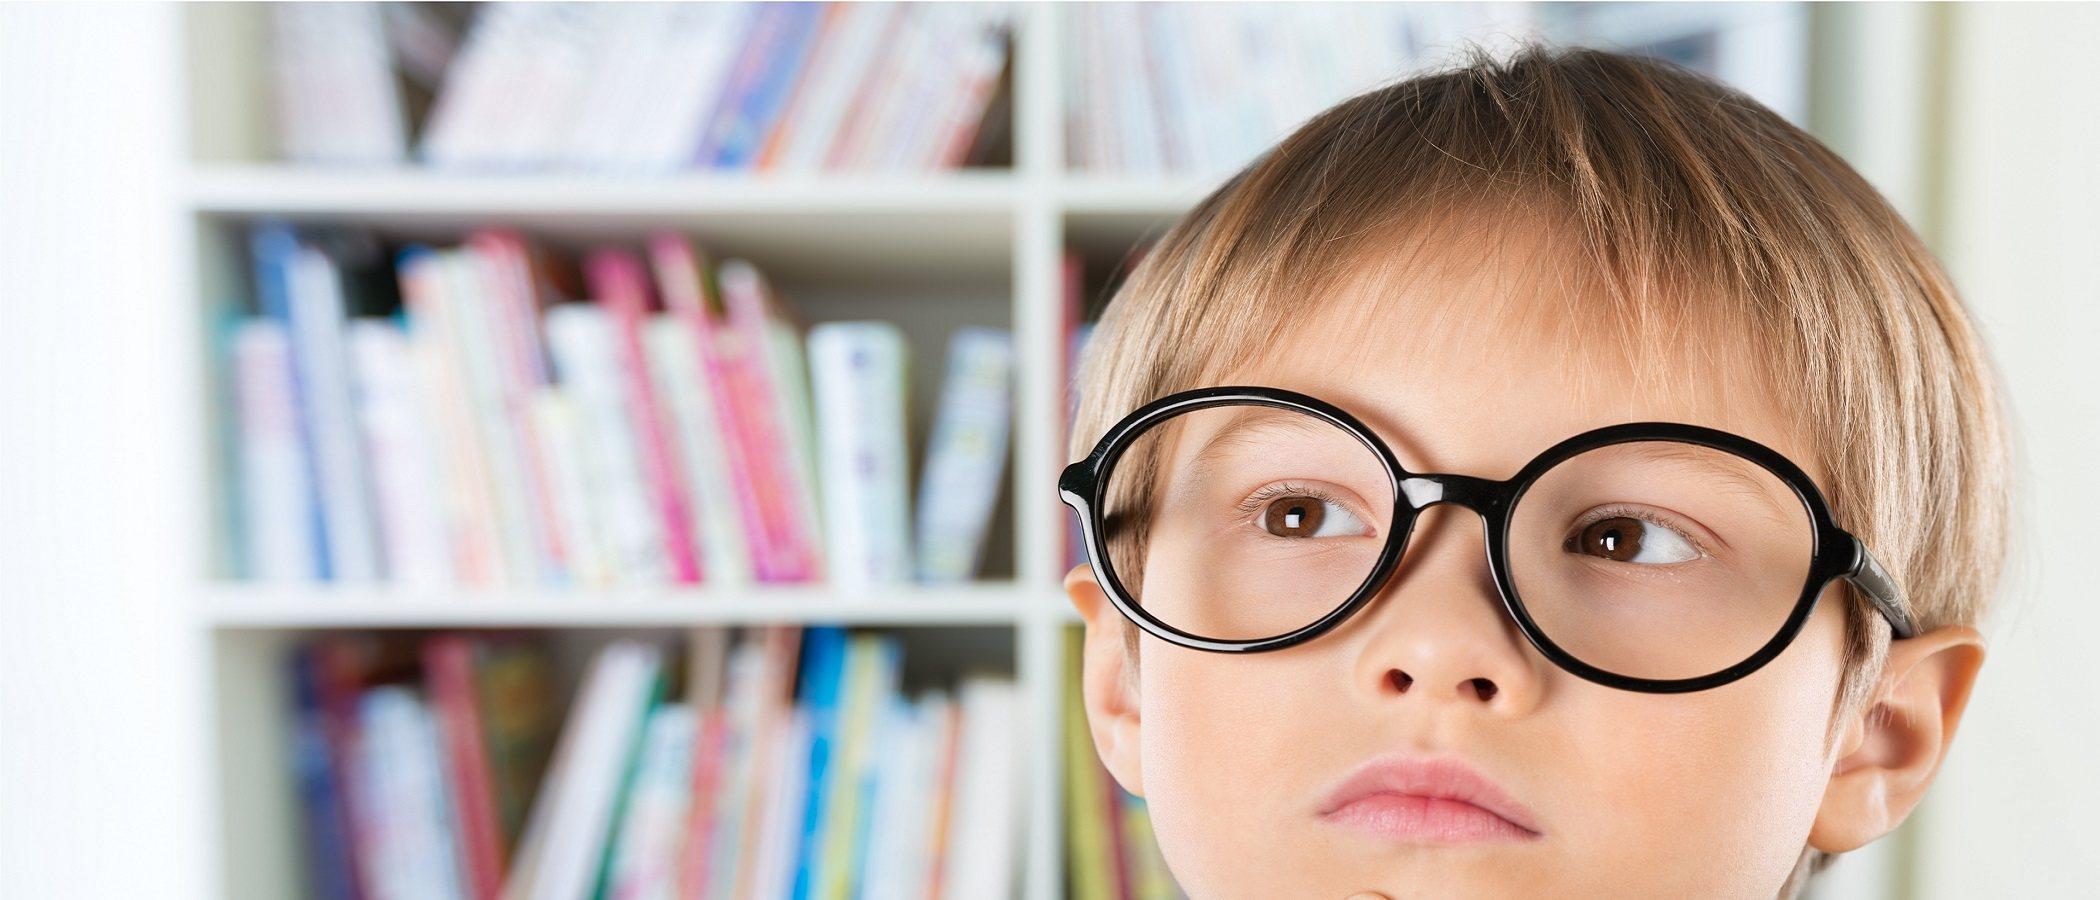 ¿Cómo evoluciona el pensamiento en los niños?